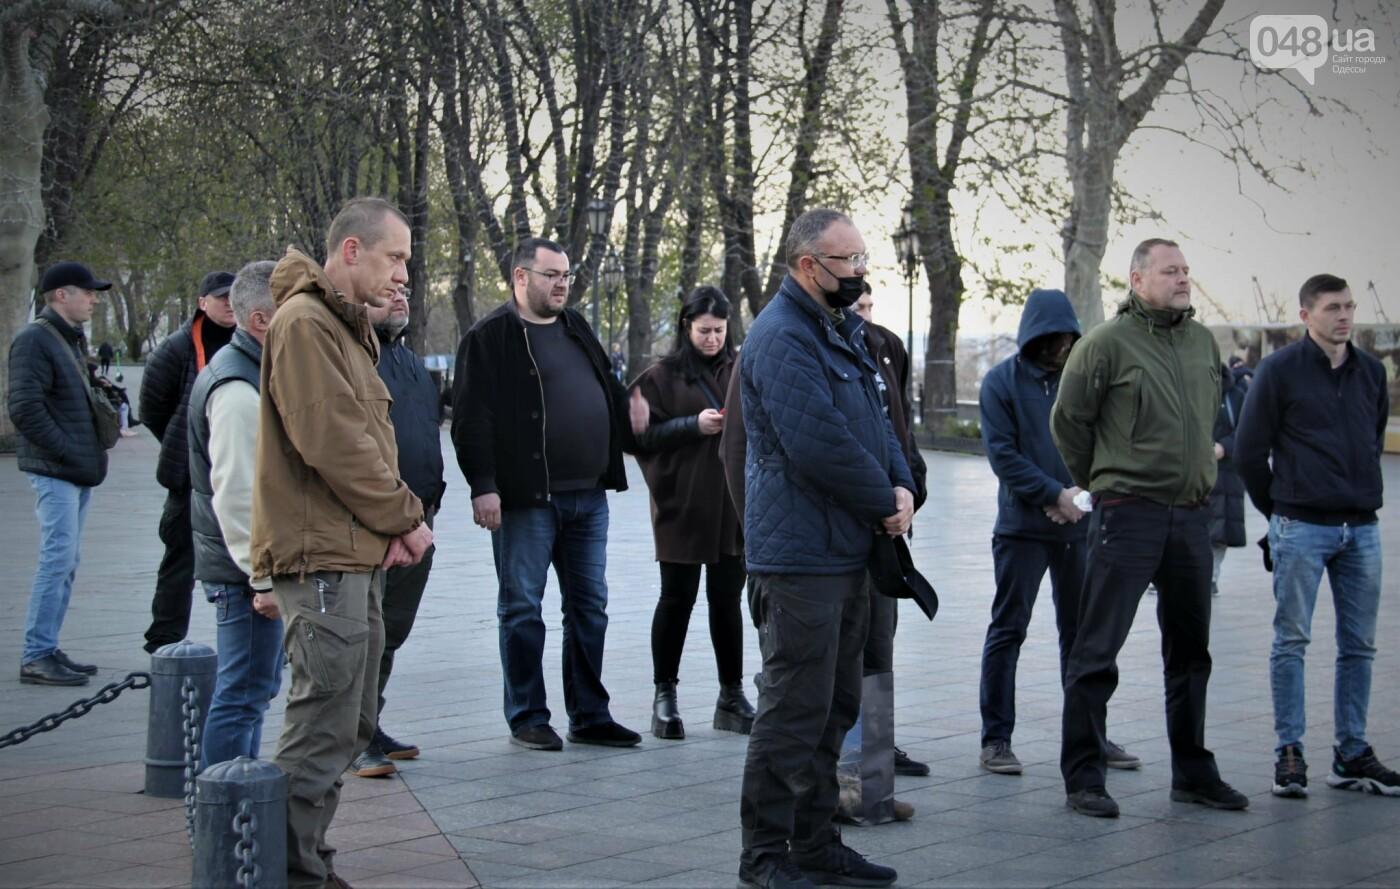 В Одессе молились за мир и прекращение войны в Украине,- ФОТО, фото-3